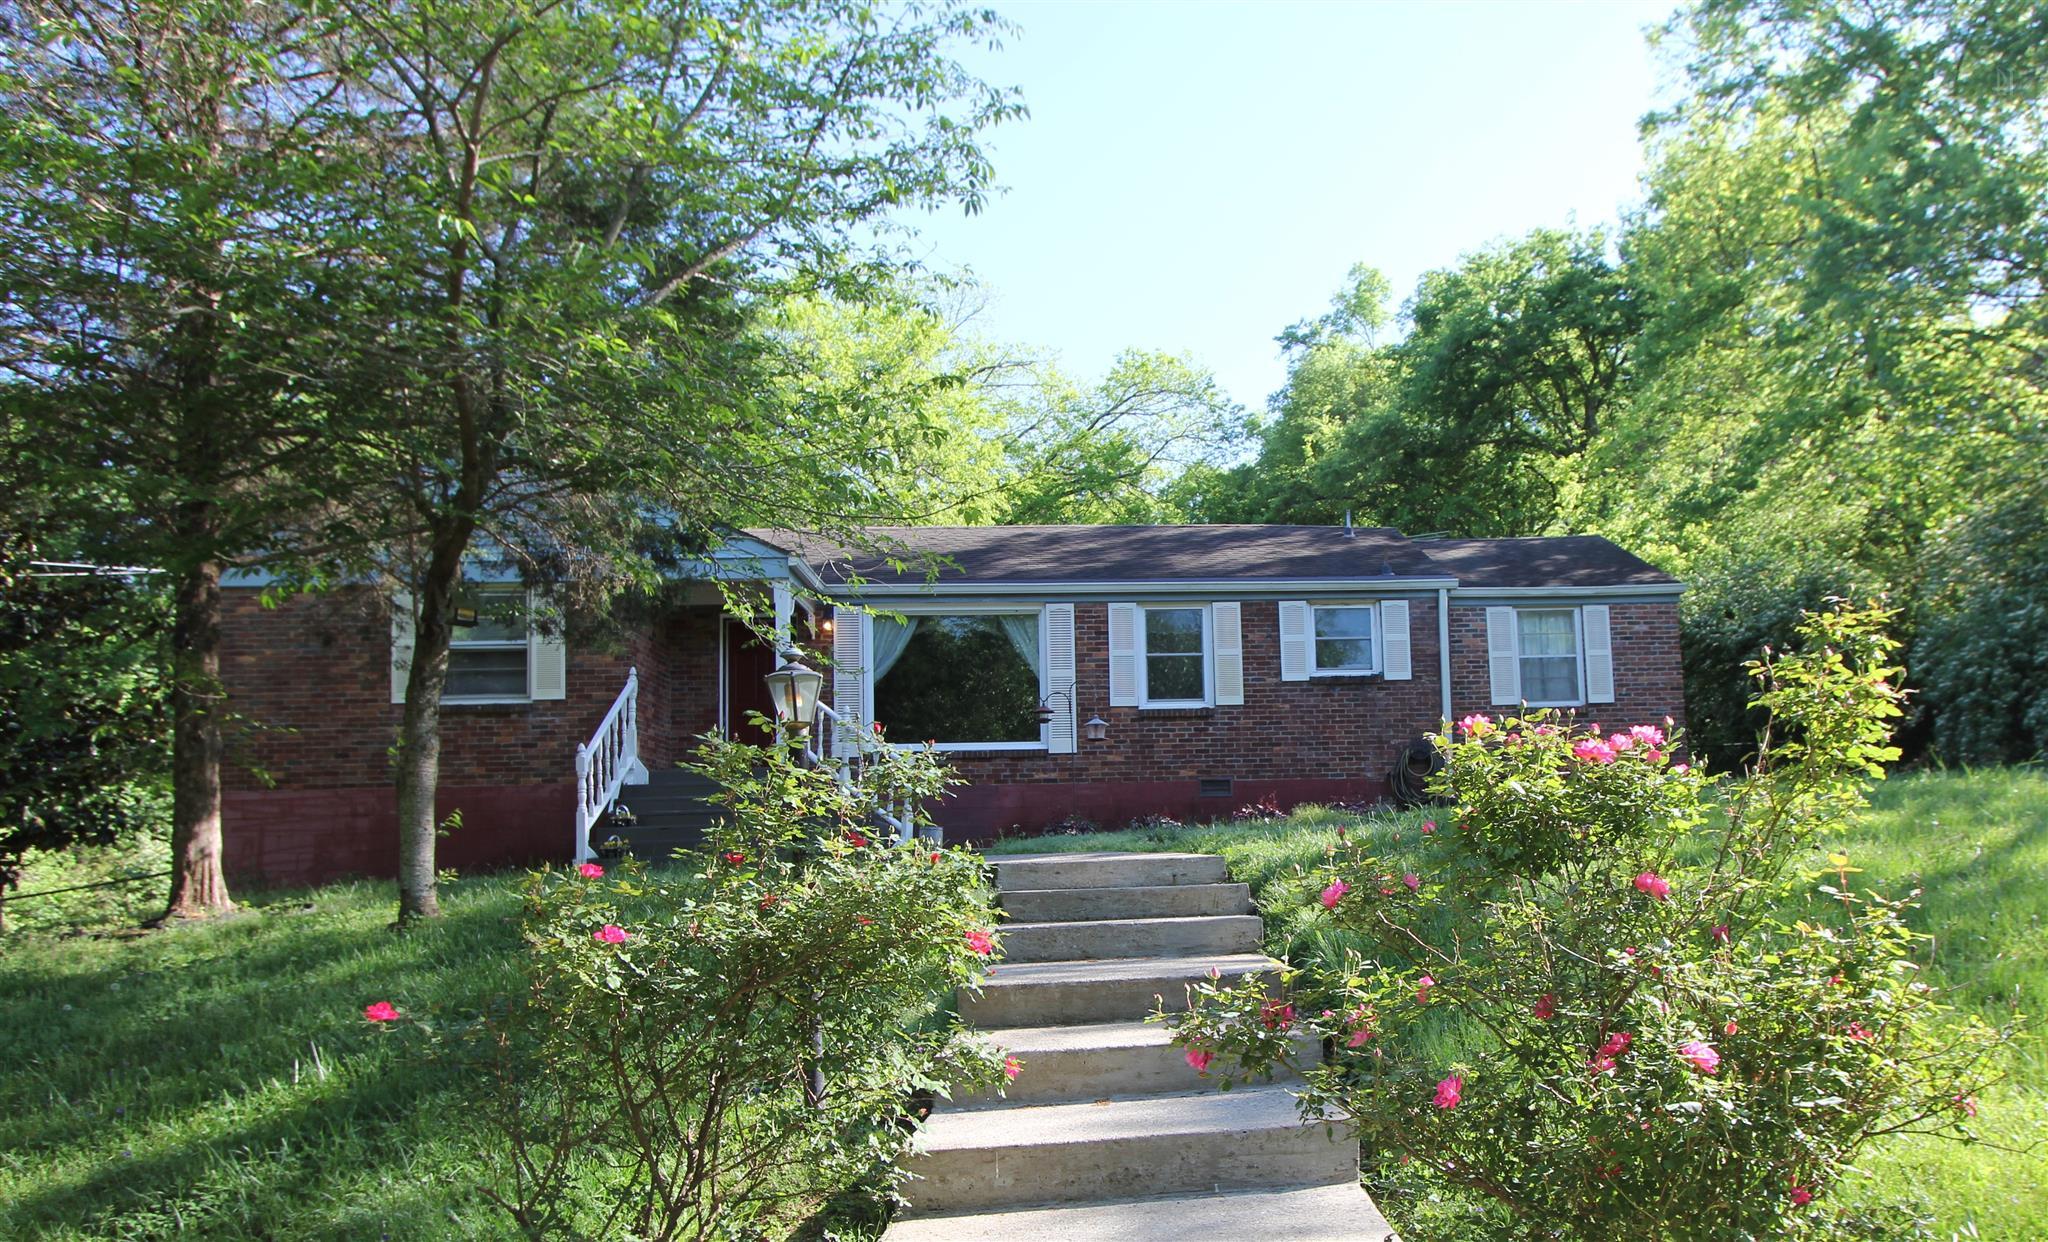 401 Moss Trl, Goodlettsville, TN